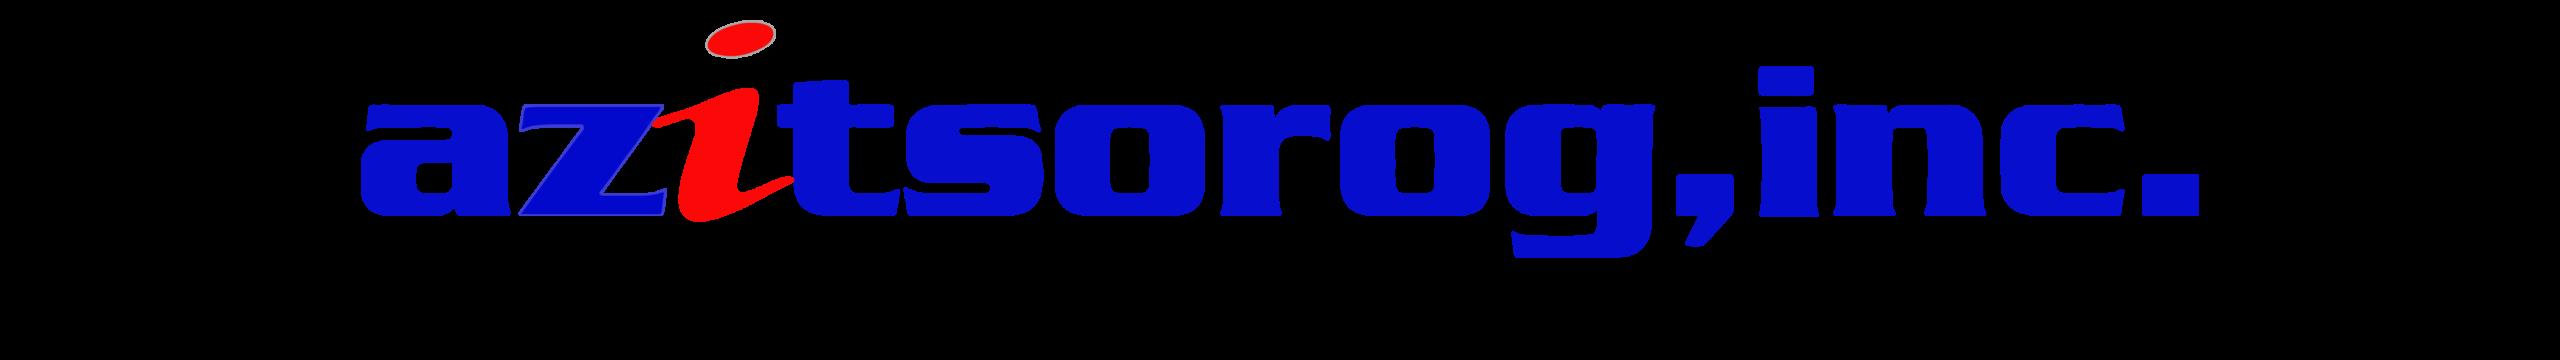 Azitsorog Incorporated